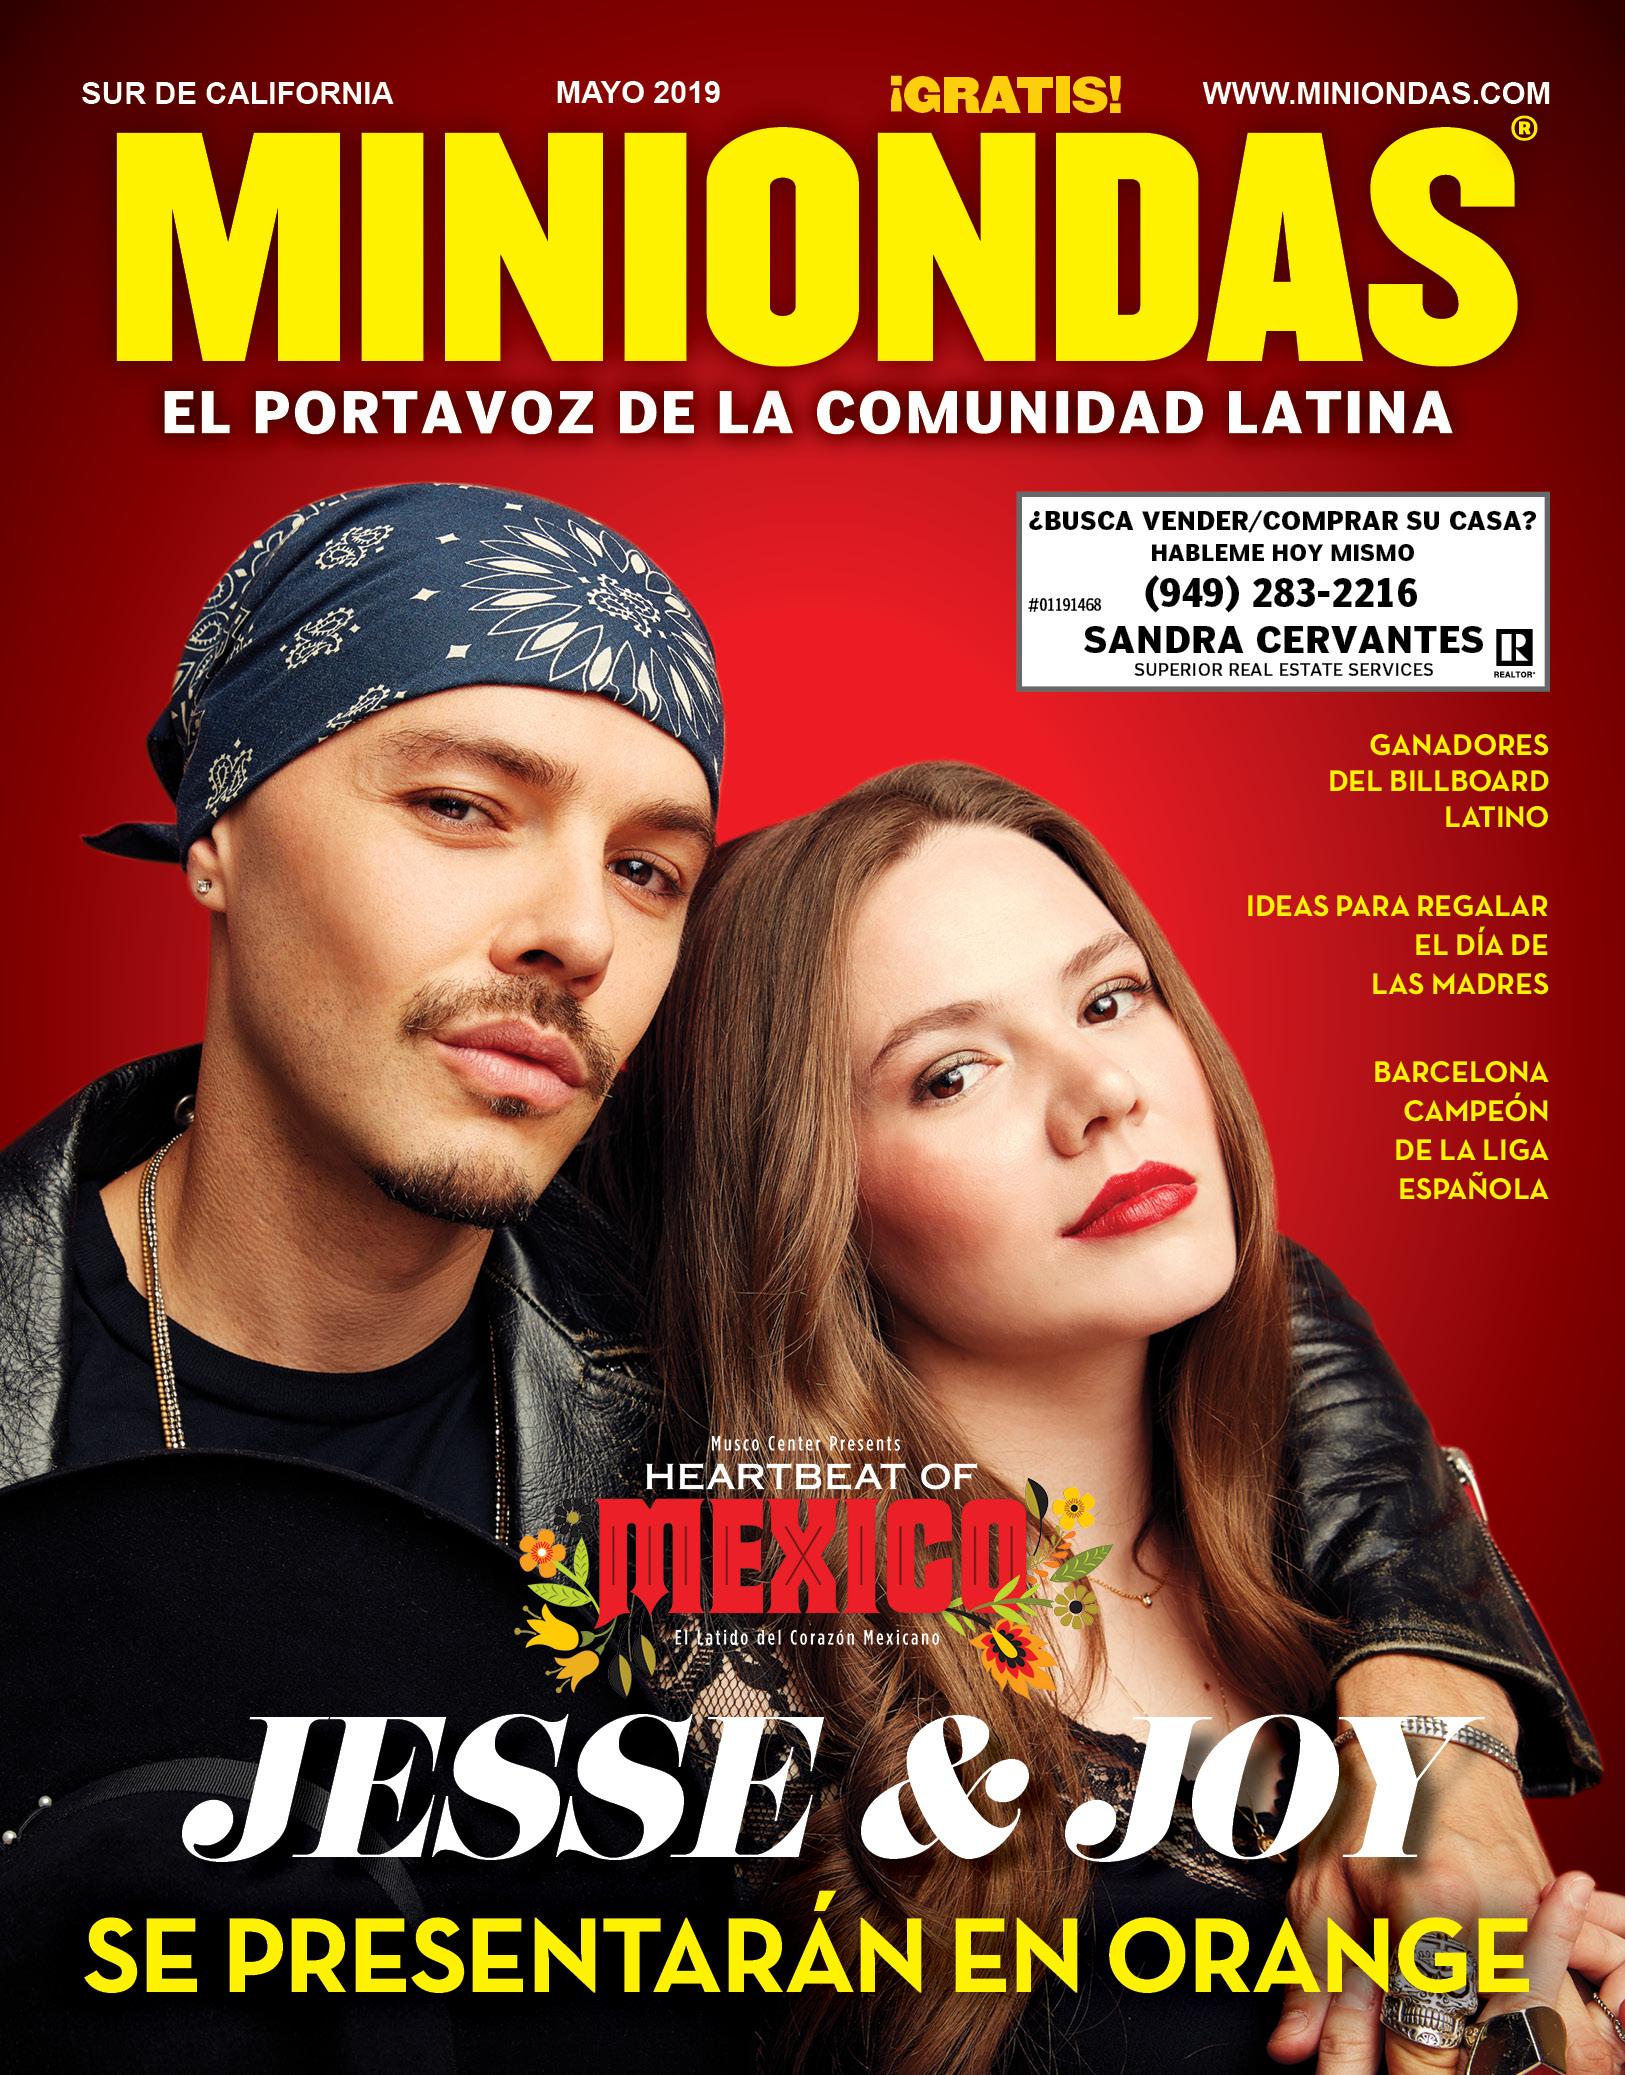 Miniondas Newspaper Edición Mayo 2019